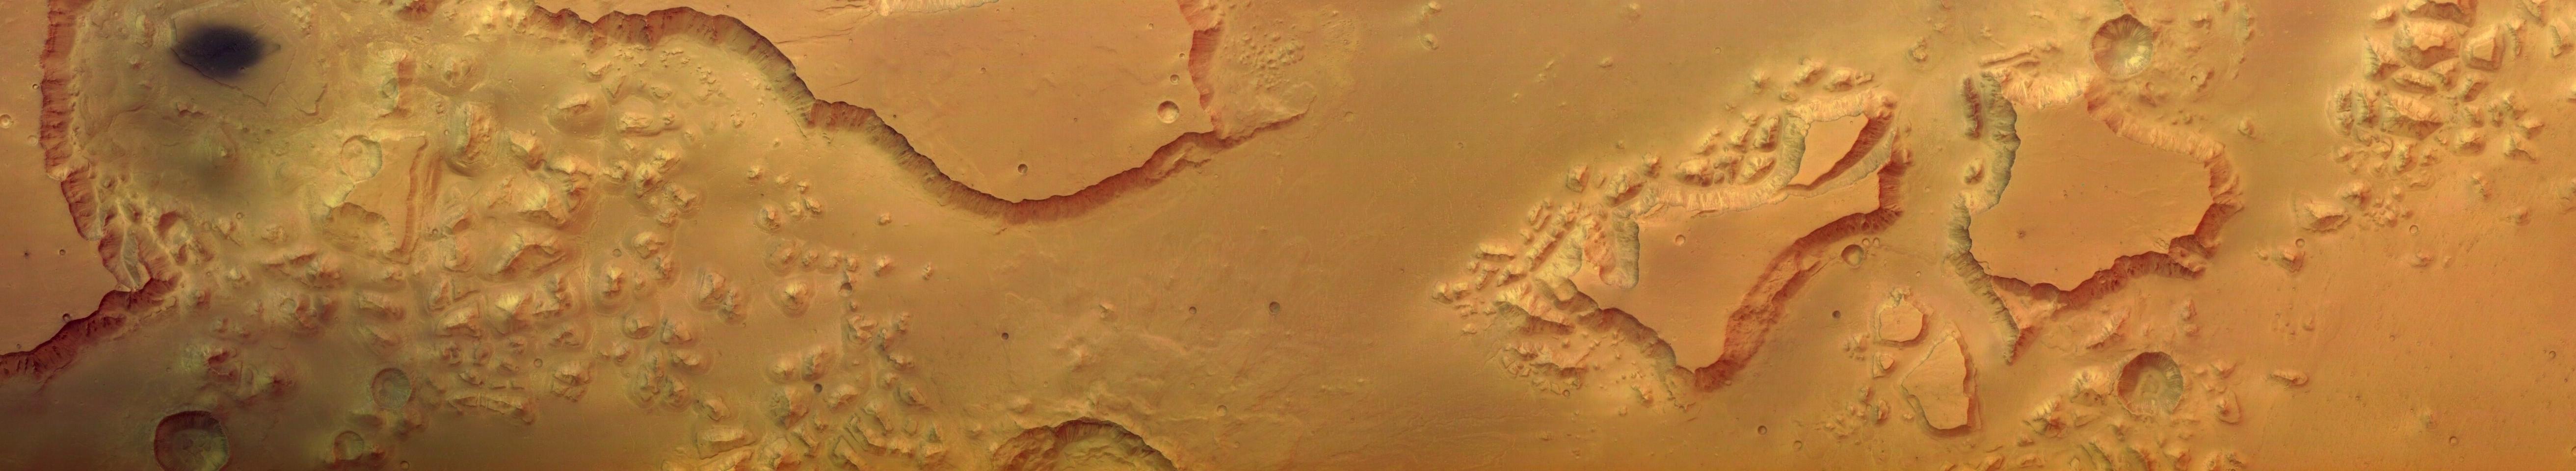 1567220501902-Valles_Marineris_5250_wide.jpg